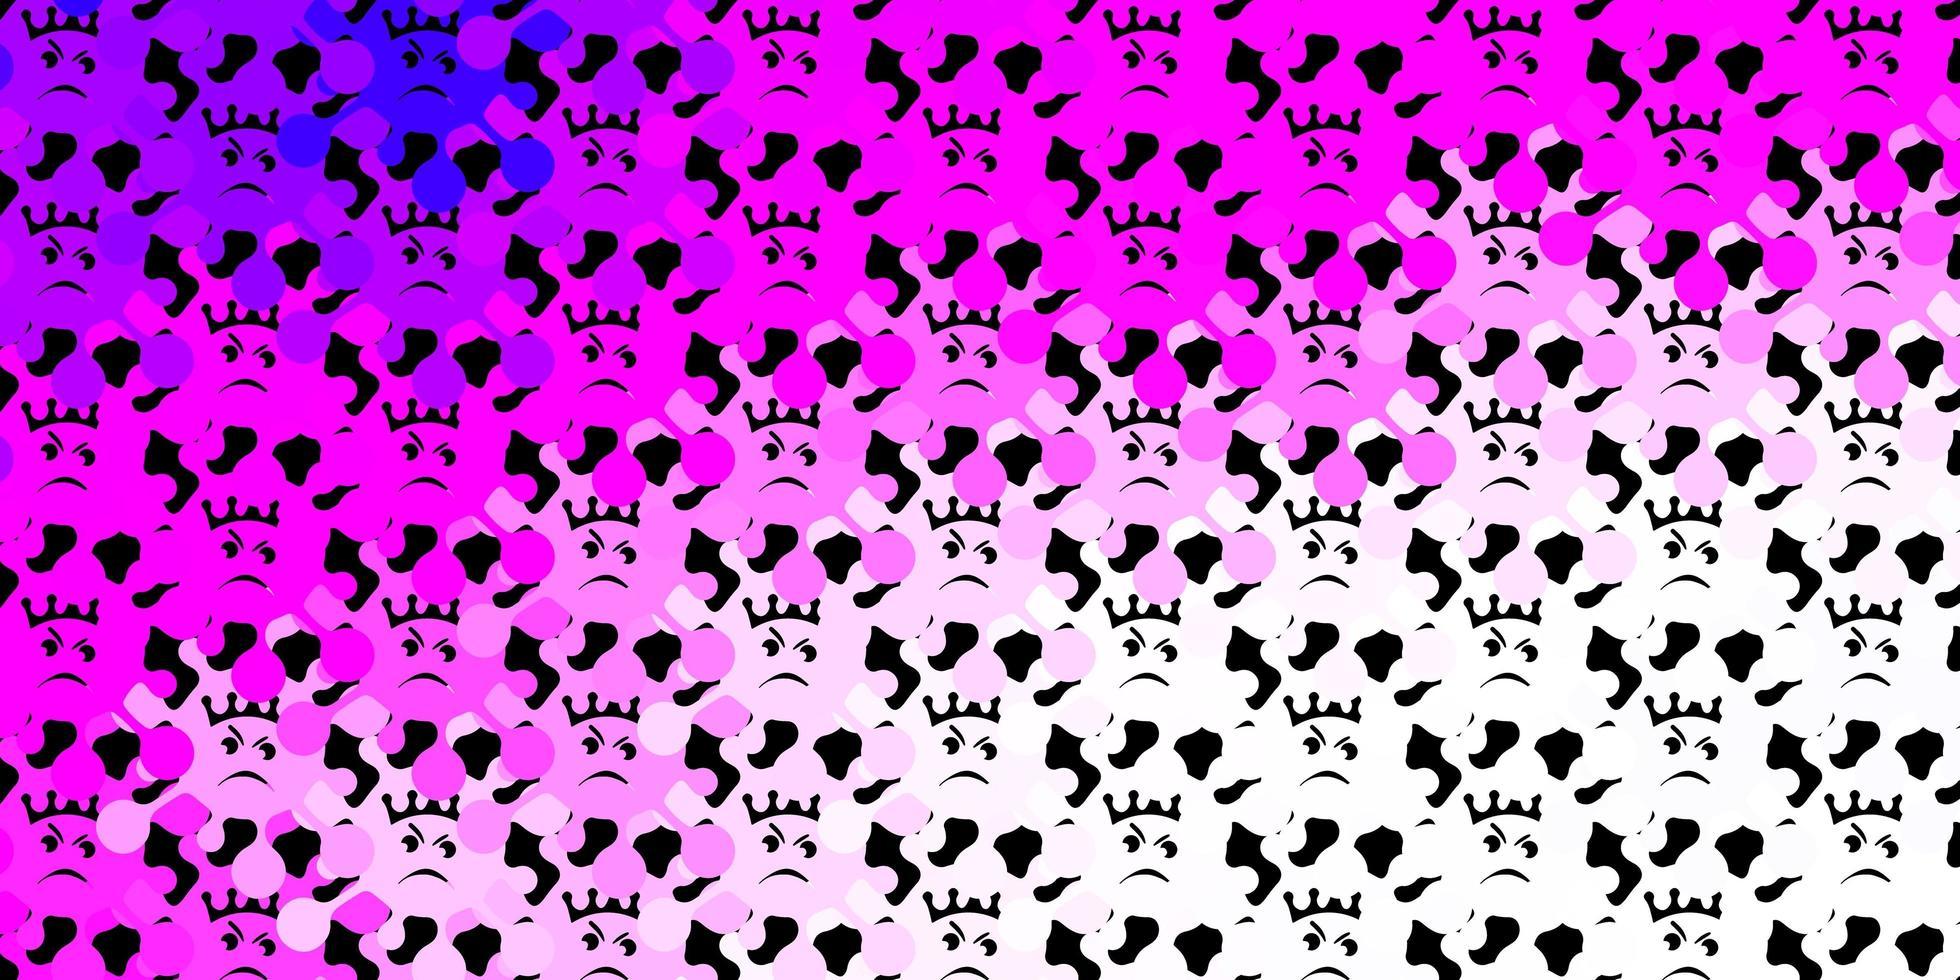 modèle vectoriel rose foncé avec des signes de grippe.